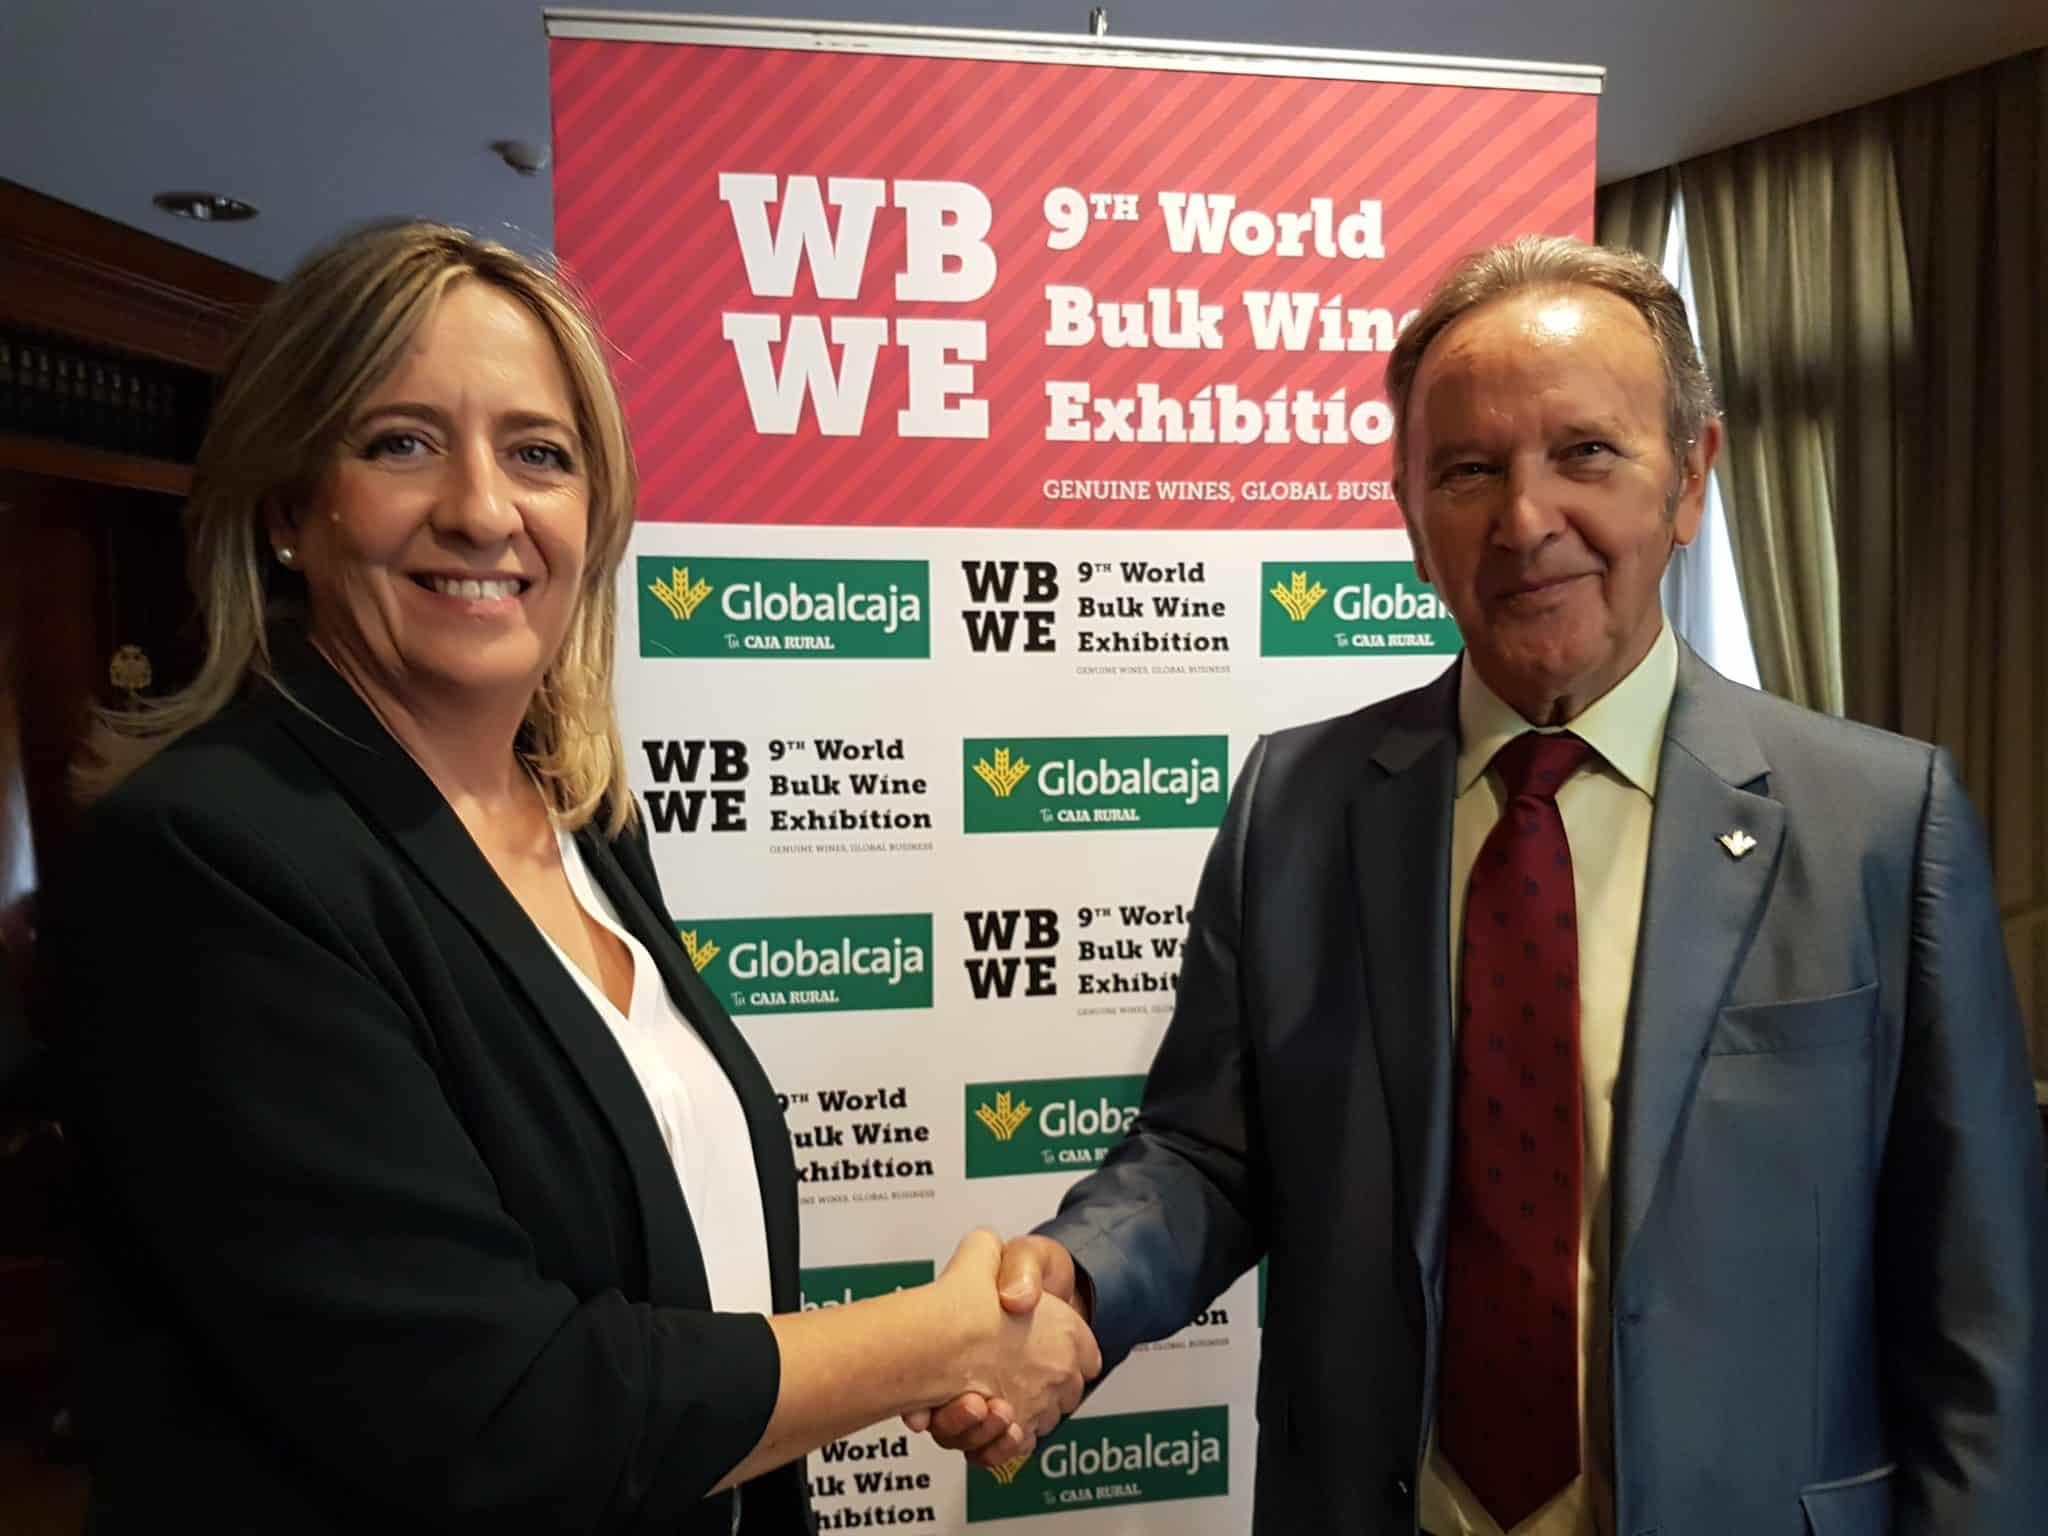 https://blog.globalcaja.es/wp-content/uploads/2017/10/Globalcaja-y-la-WBWE-renuevan-su-apuesta-por-la-promoción-del-Vino-de-CLM.jpg